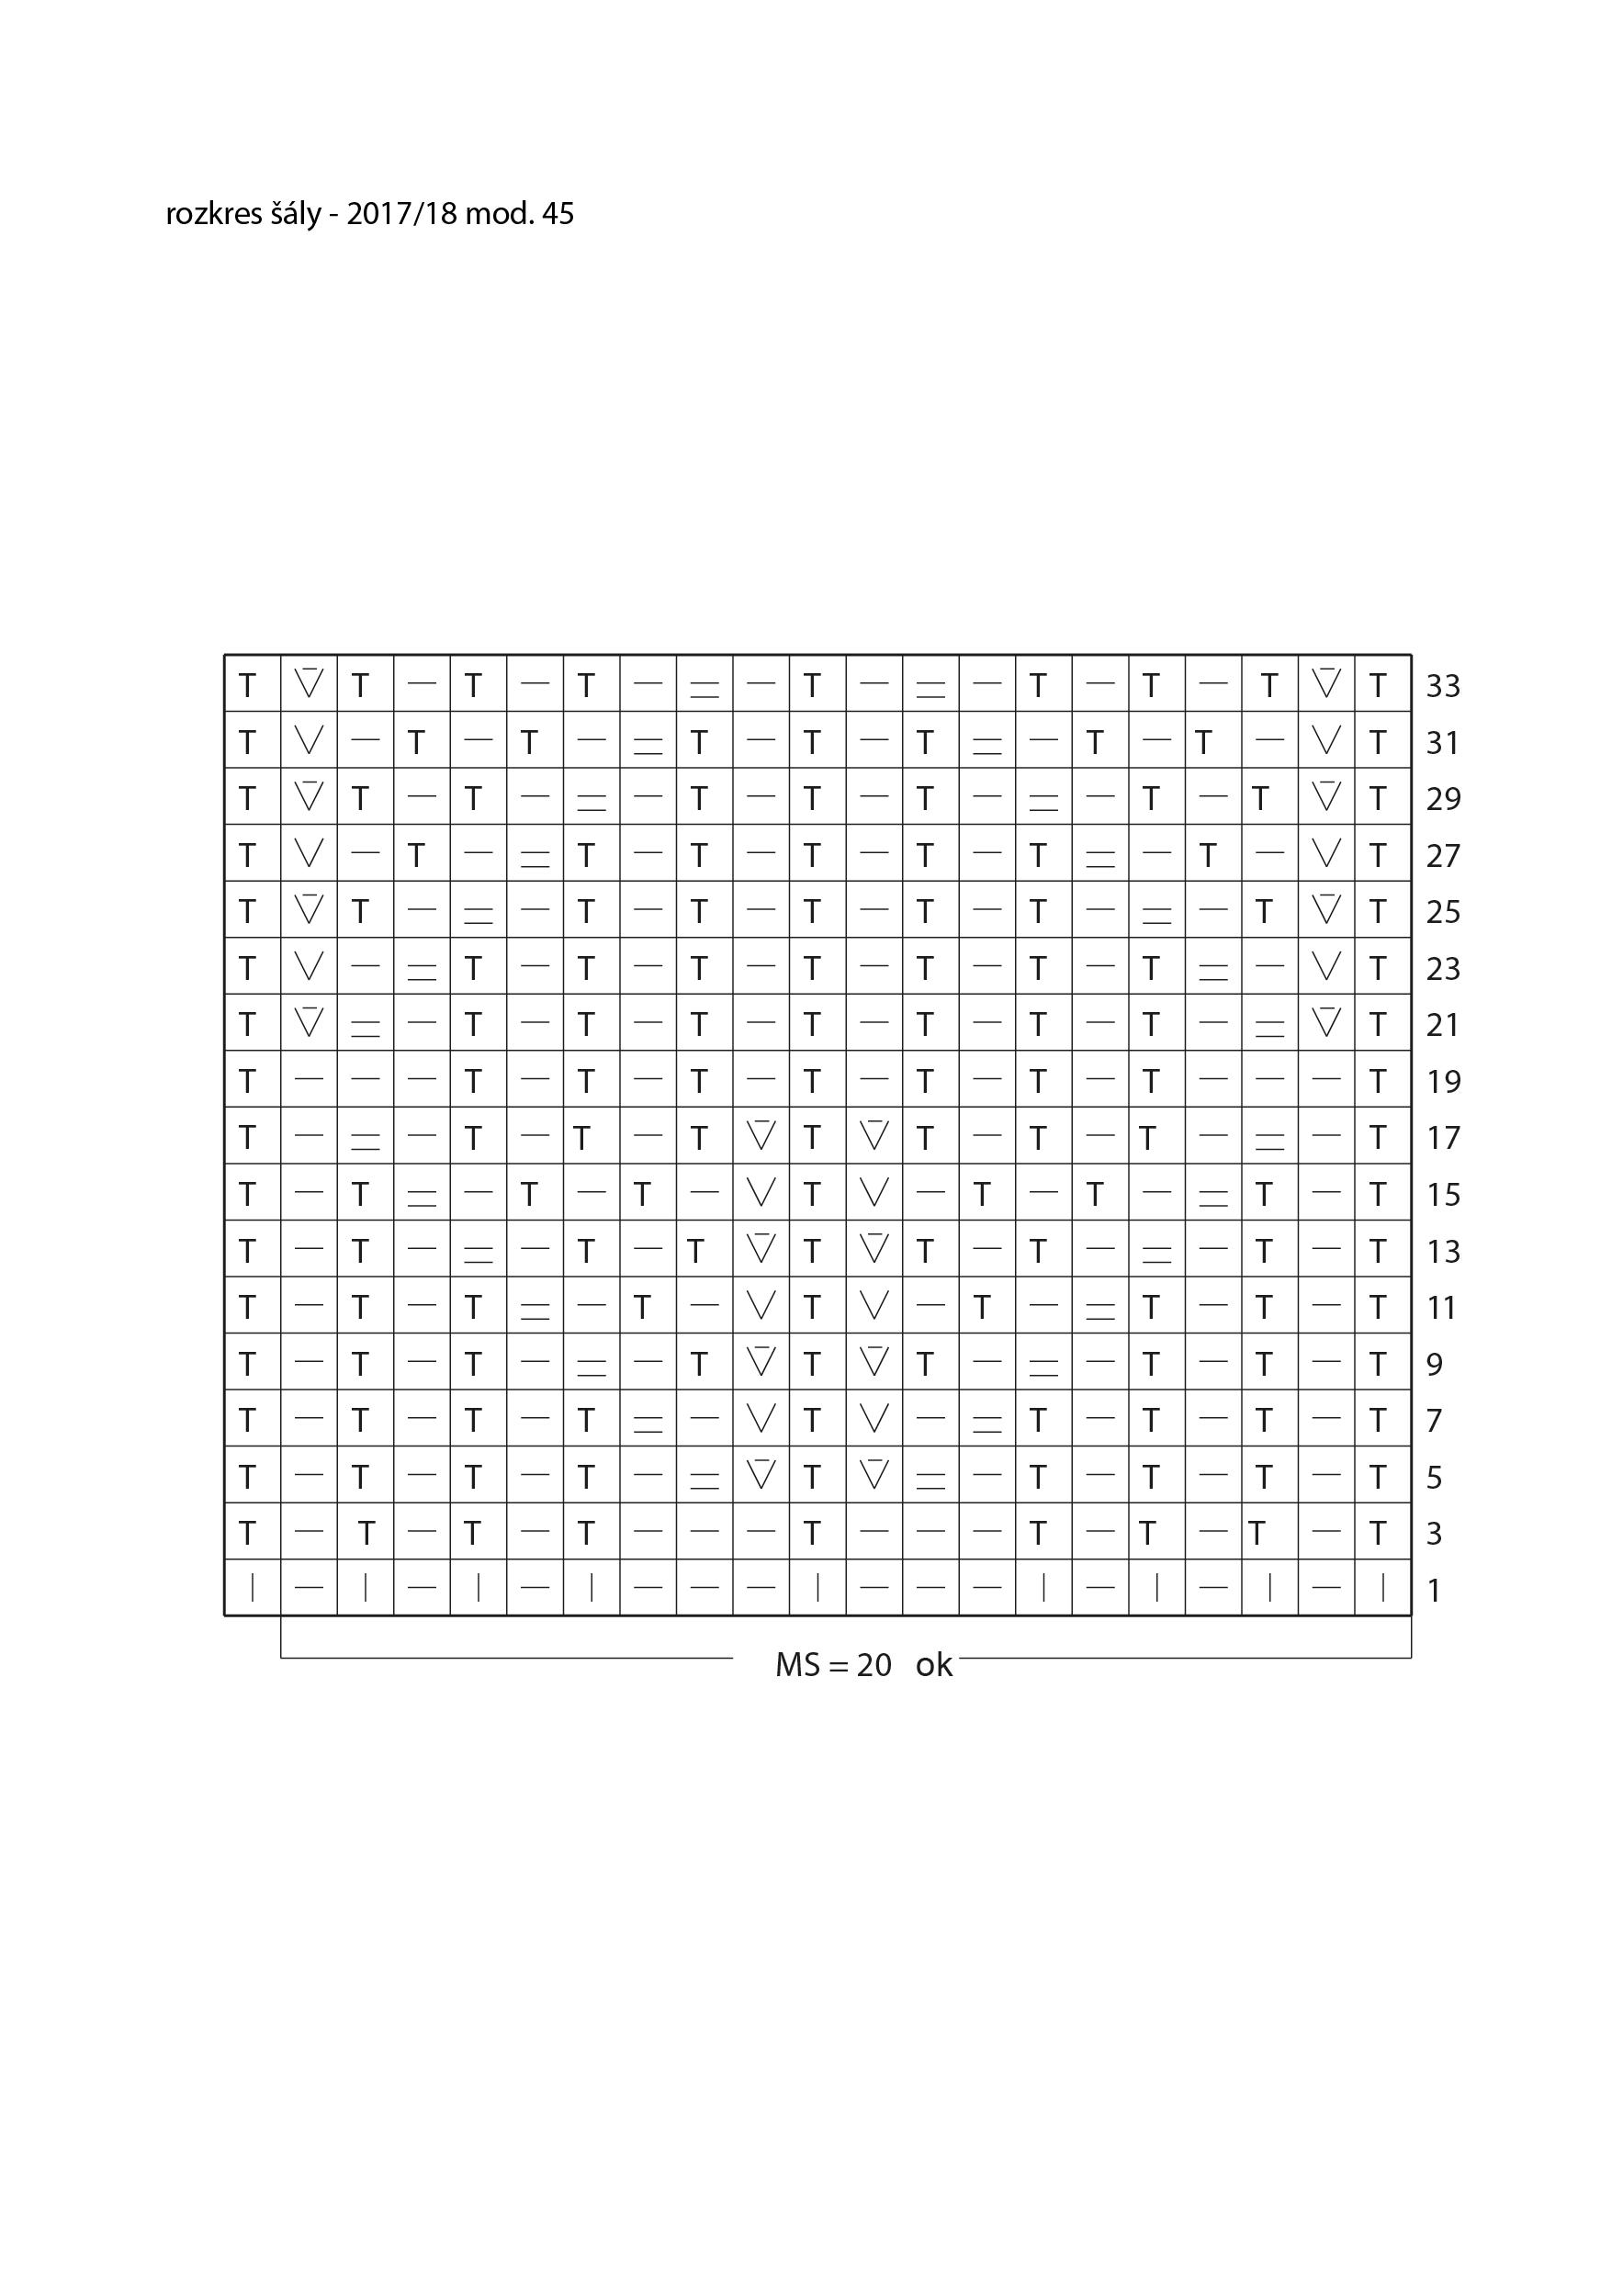 2017-2018 model 45 rozkres pletené šály